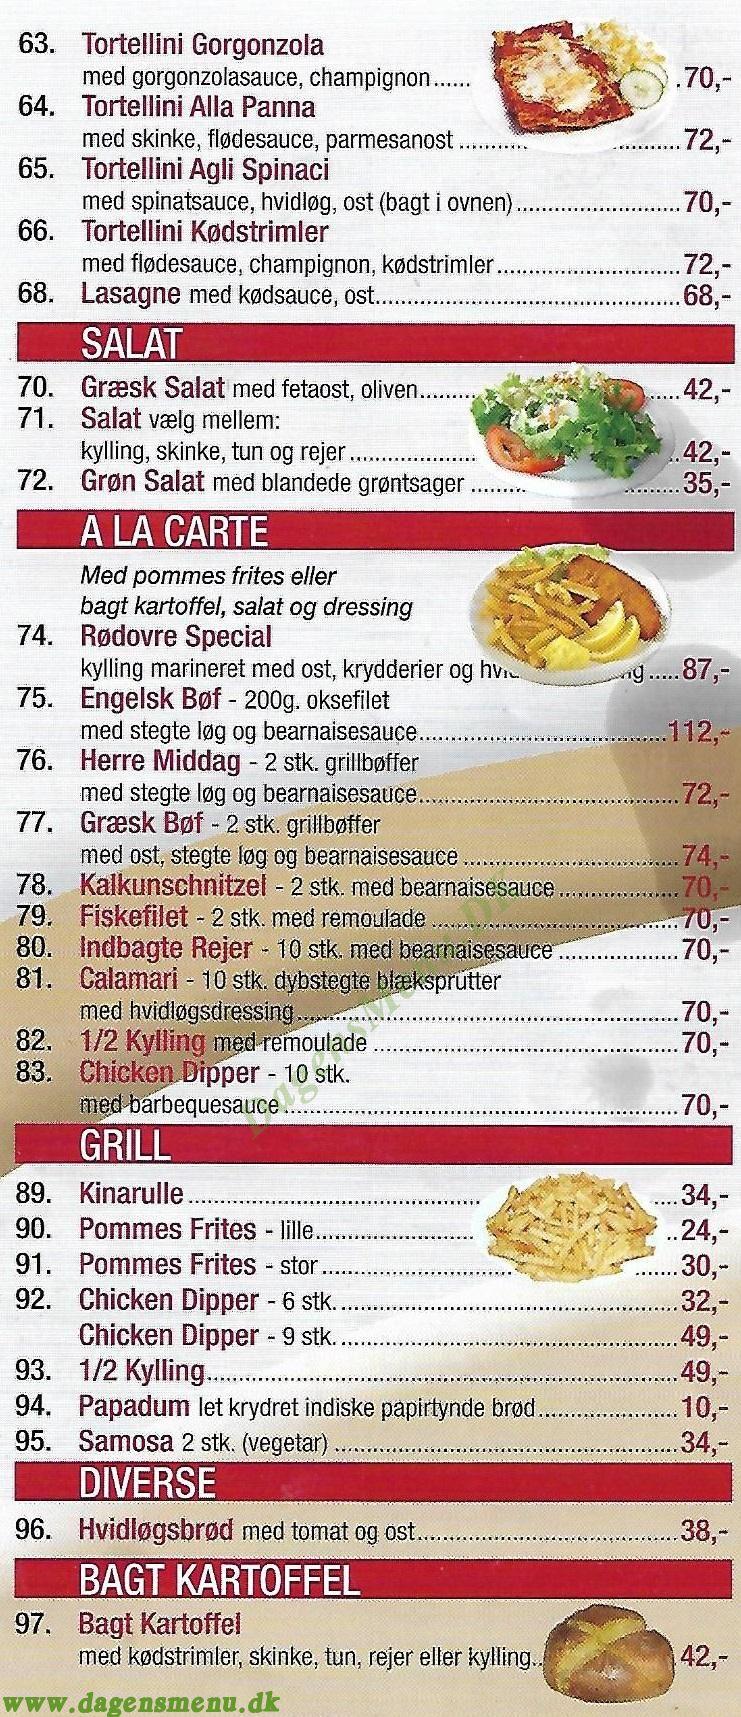 LUCERNE PIZZA & INDISK MAD - Menukort